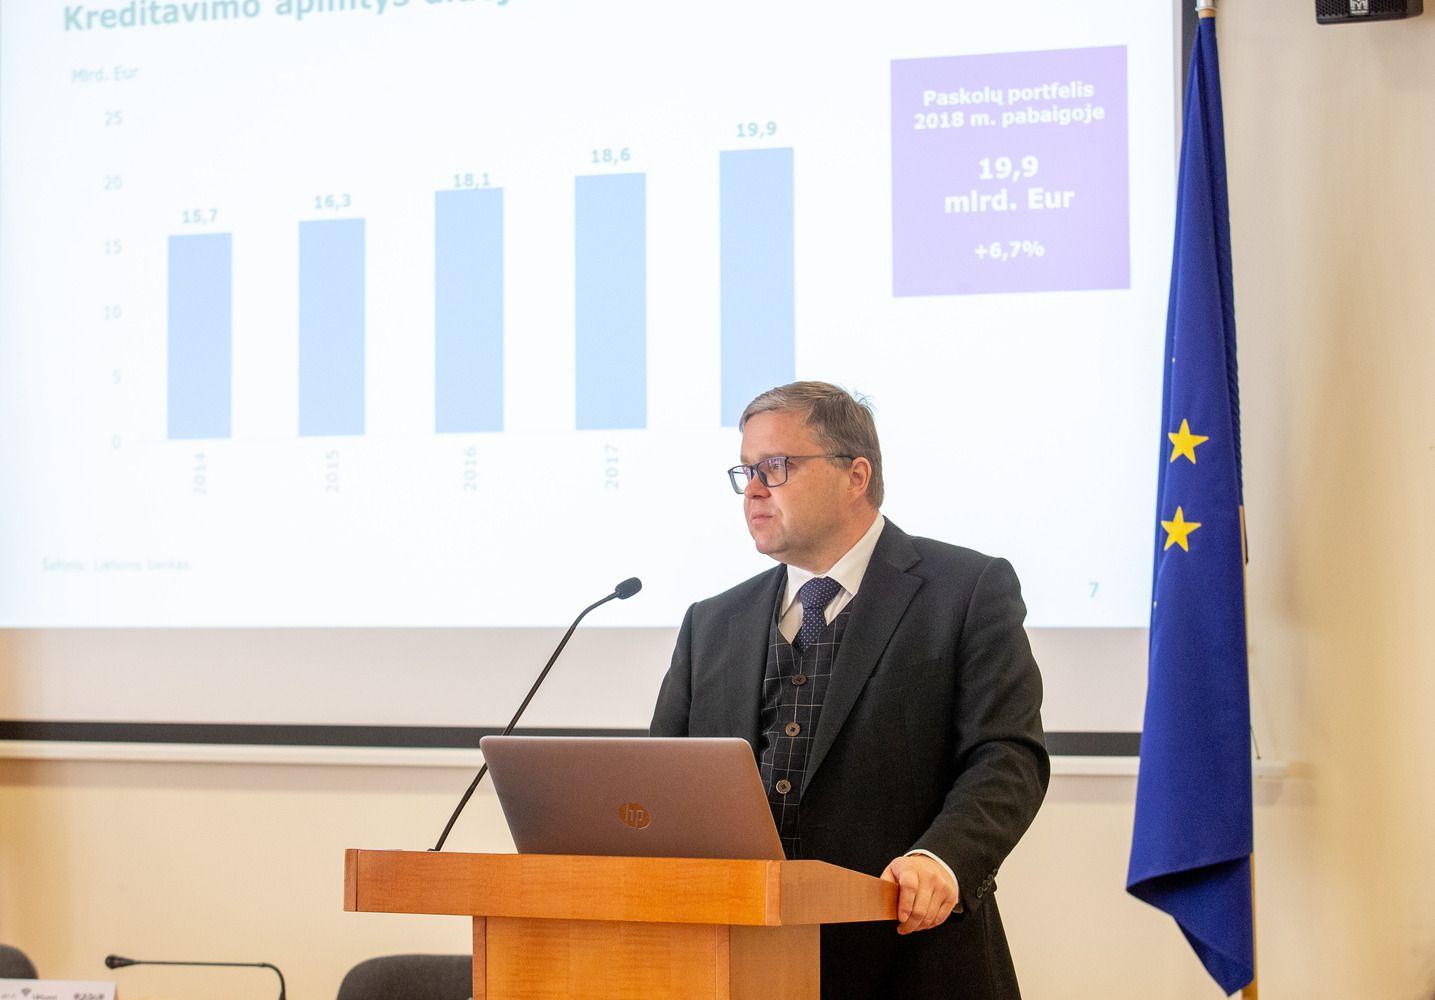 Bankų koncentracija: išaugusios būsto paskolų maržos, pelnas, lyderiai ES pagal efektyvumą